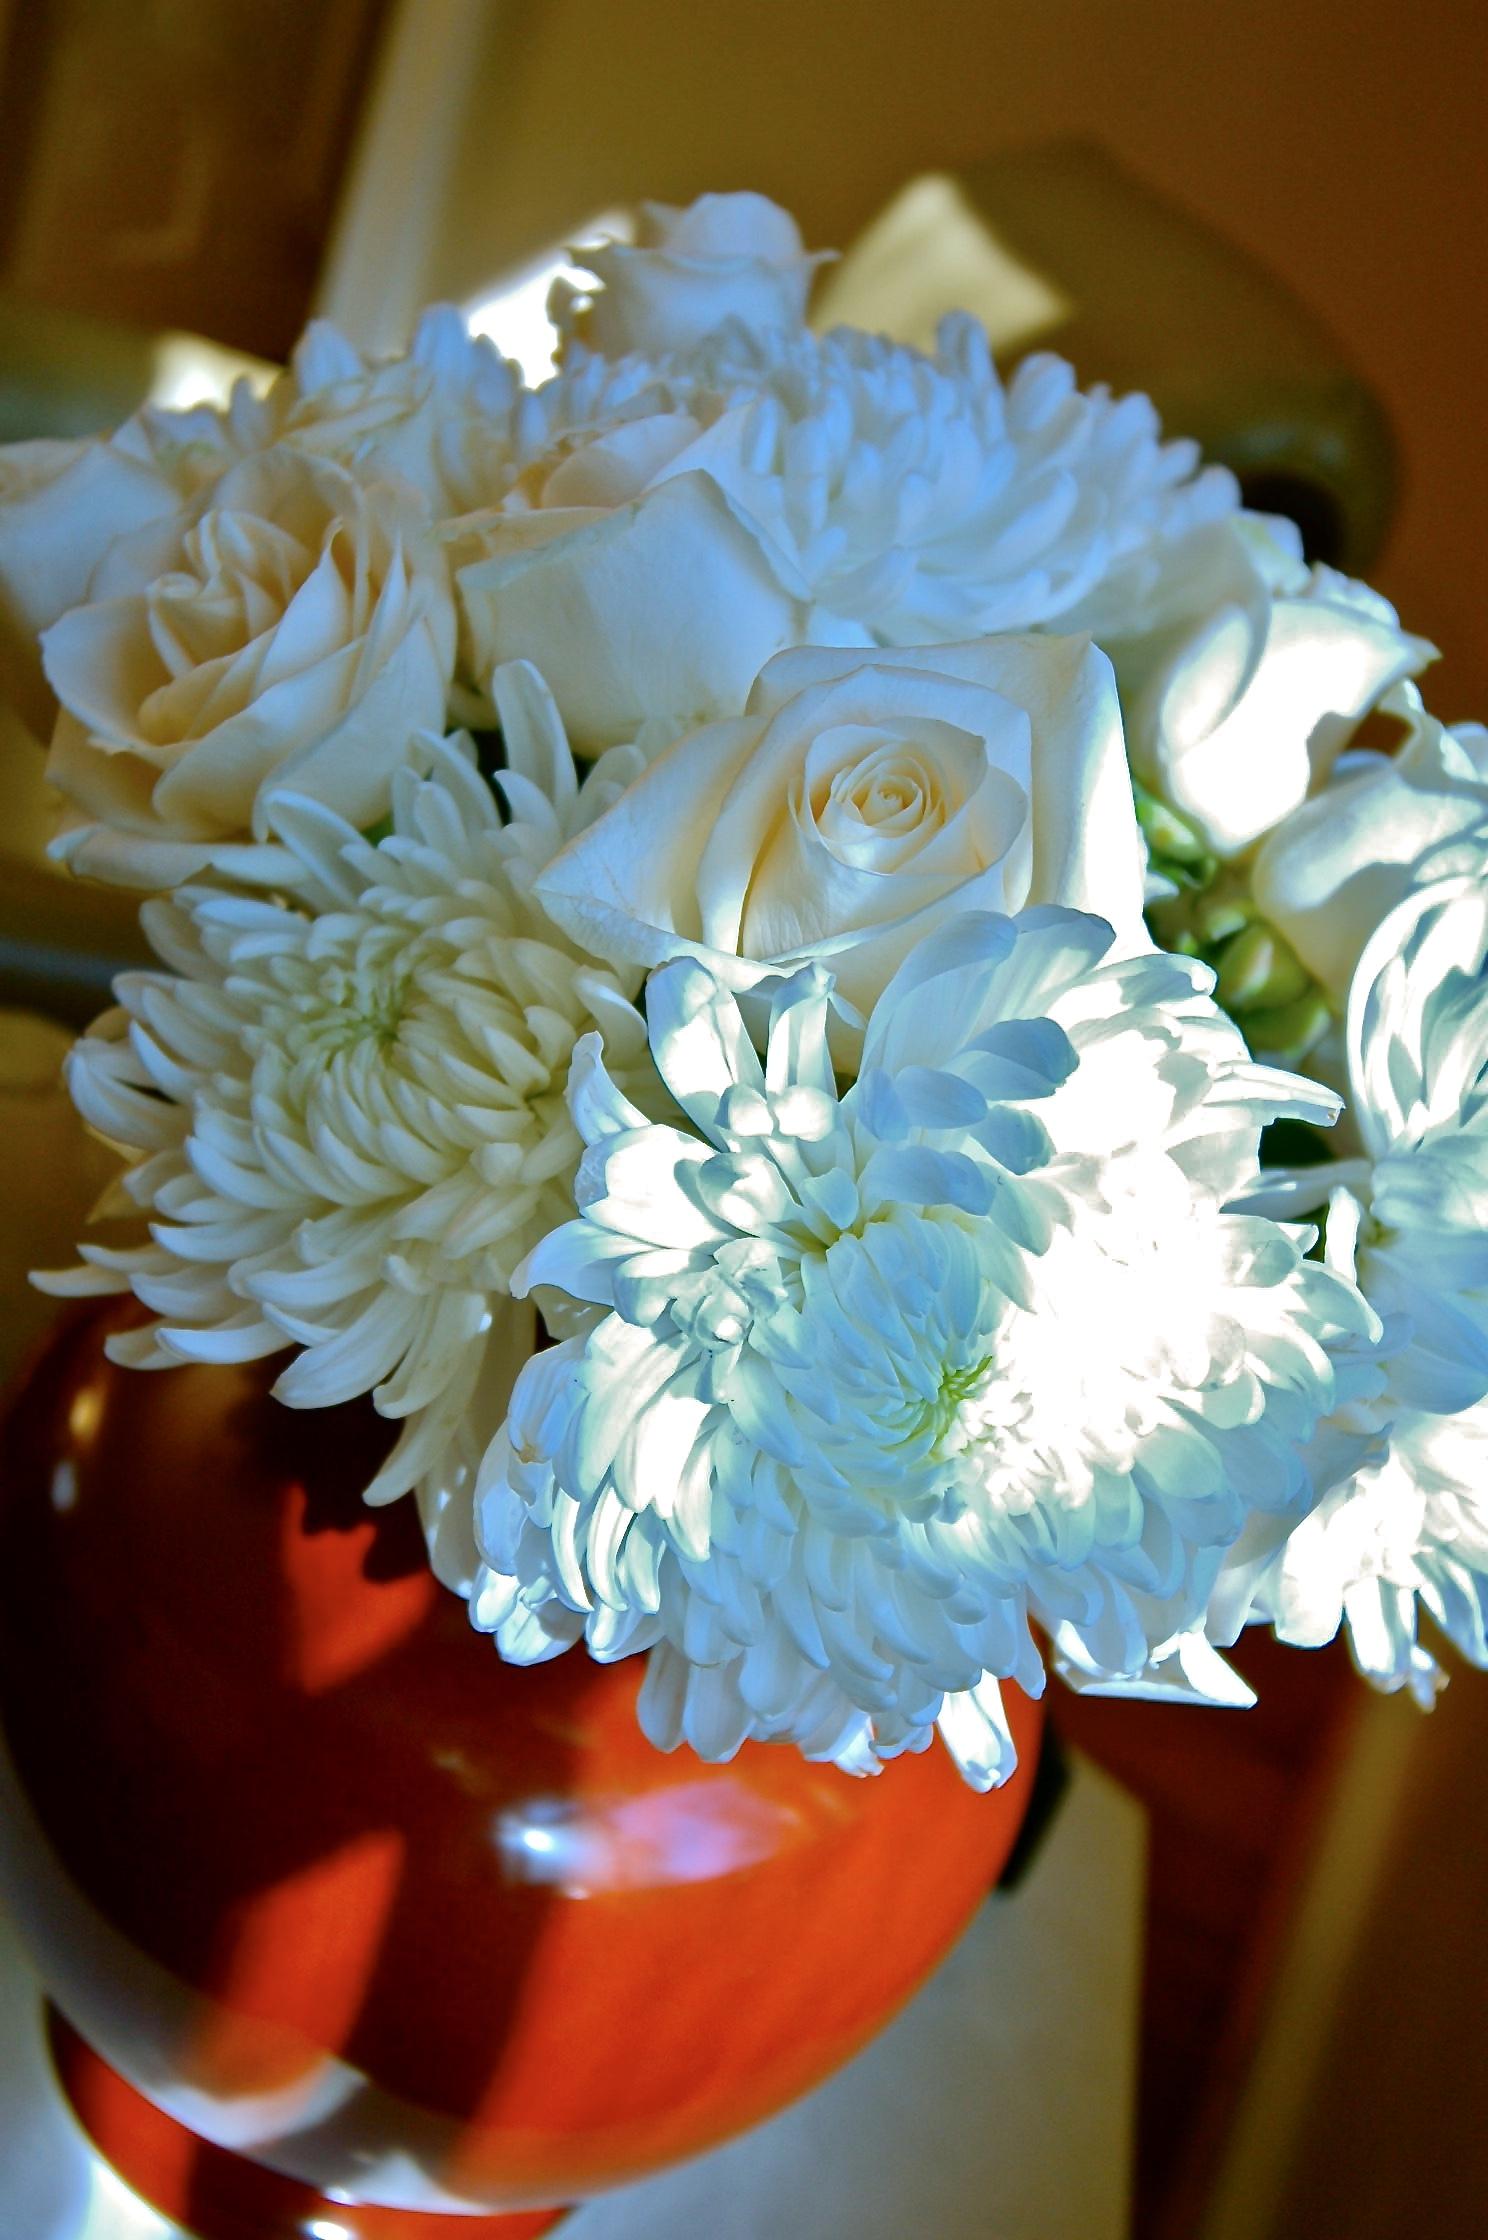 Details Flowers_5e26